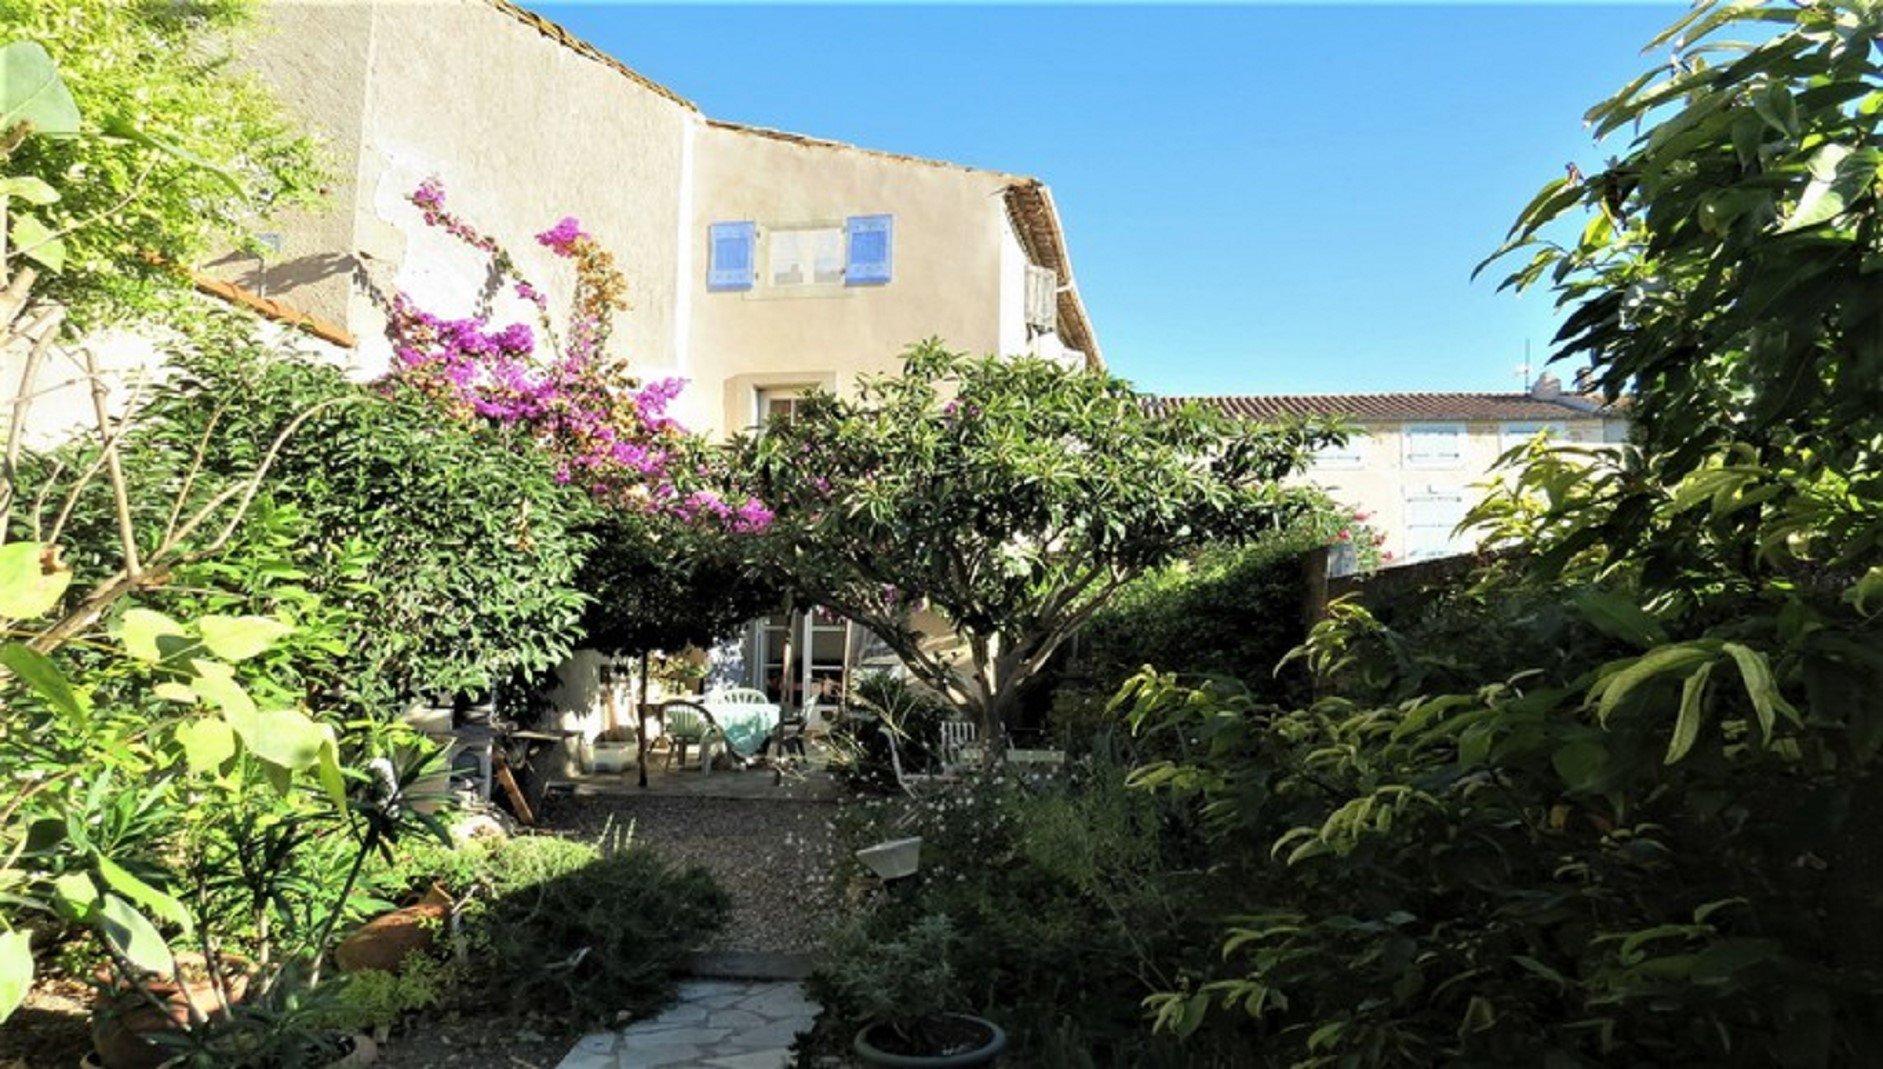 Charmigt byhus med trädgård